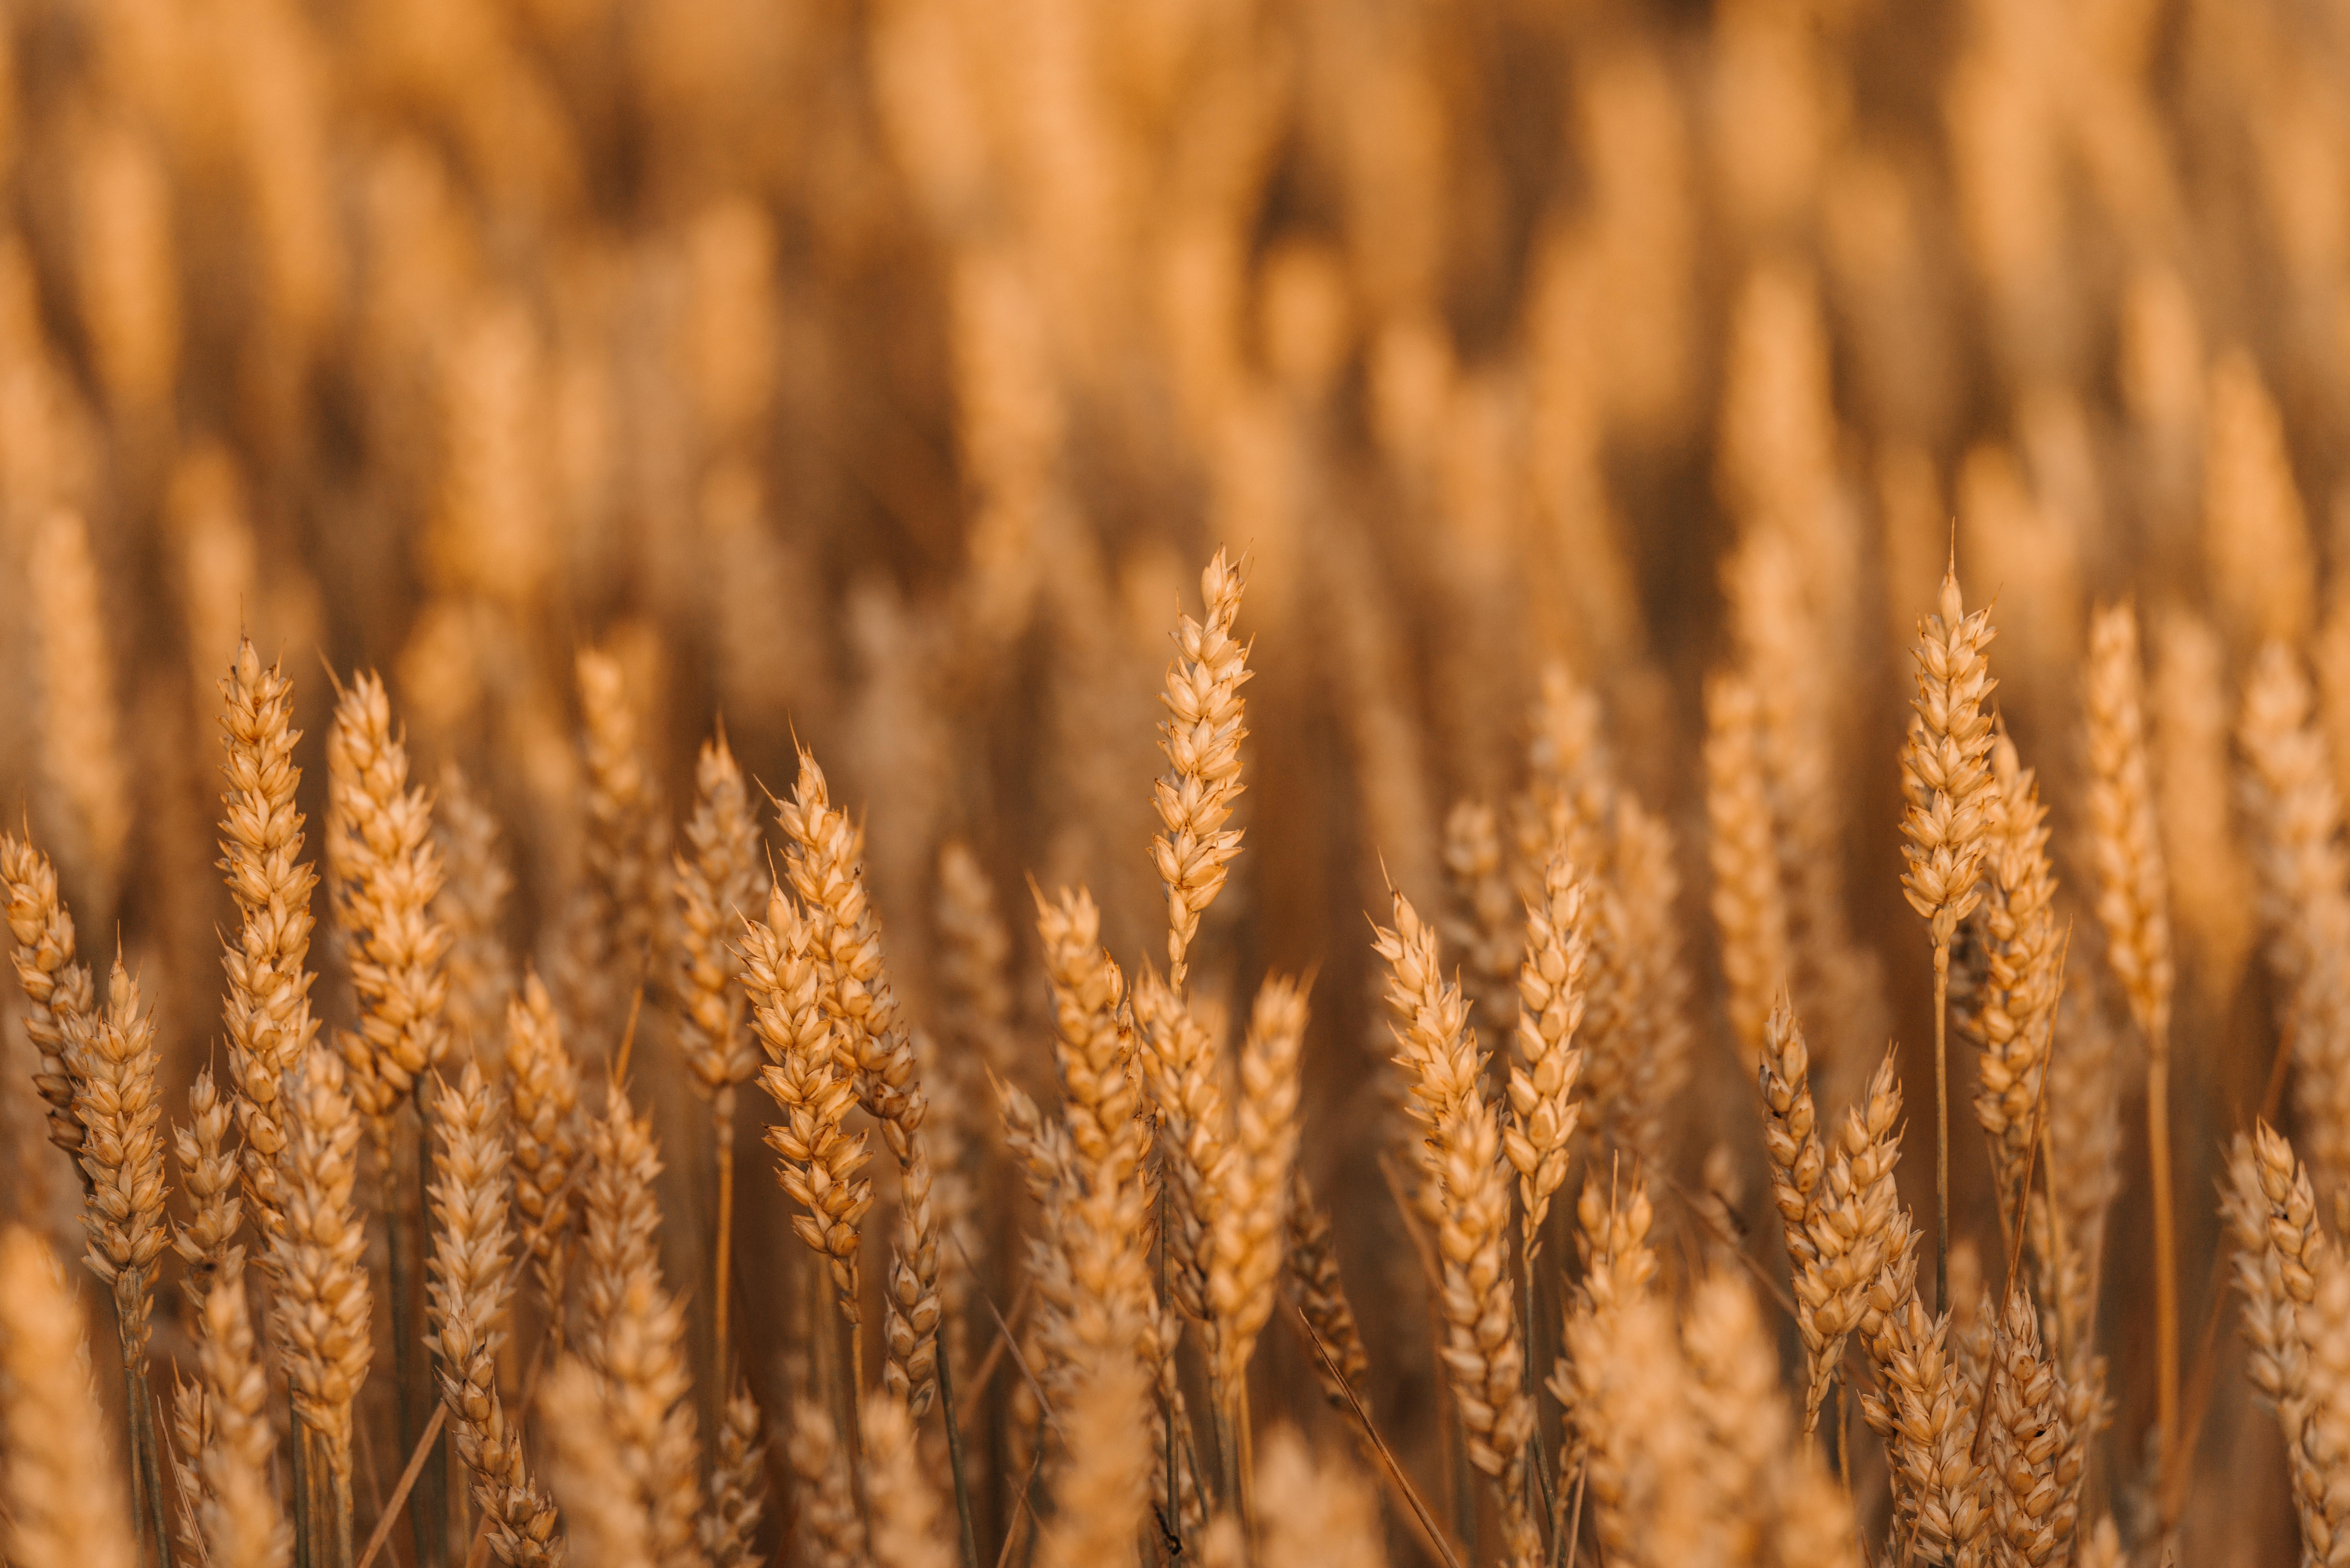 138643 скачать обои Макро, Колоски, Поле, Злаки, Растение, Пшеница - заставки и картинки бесплатно